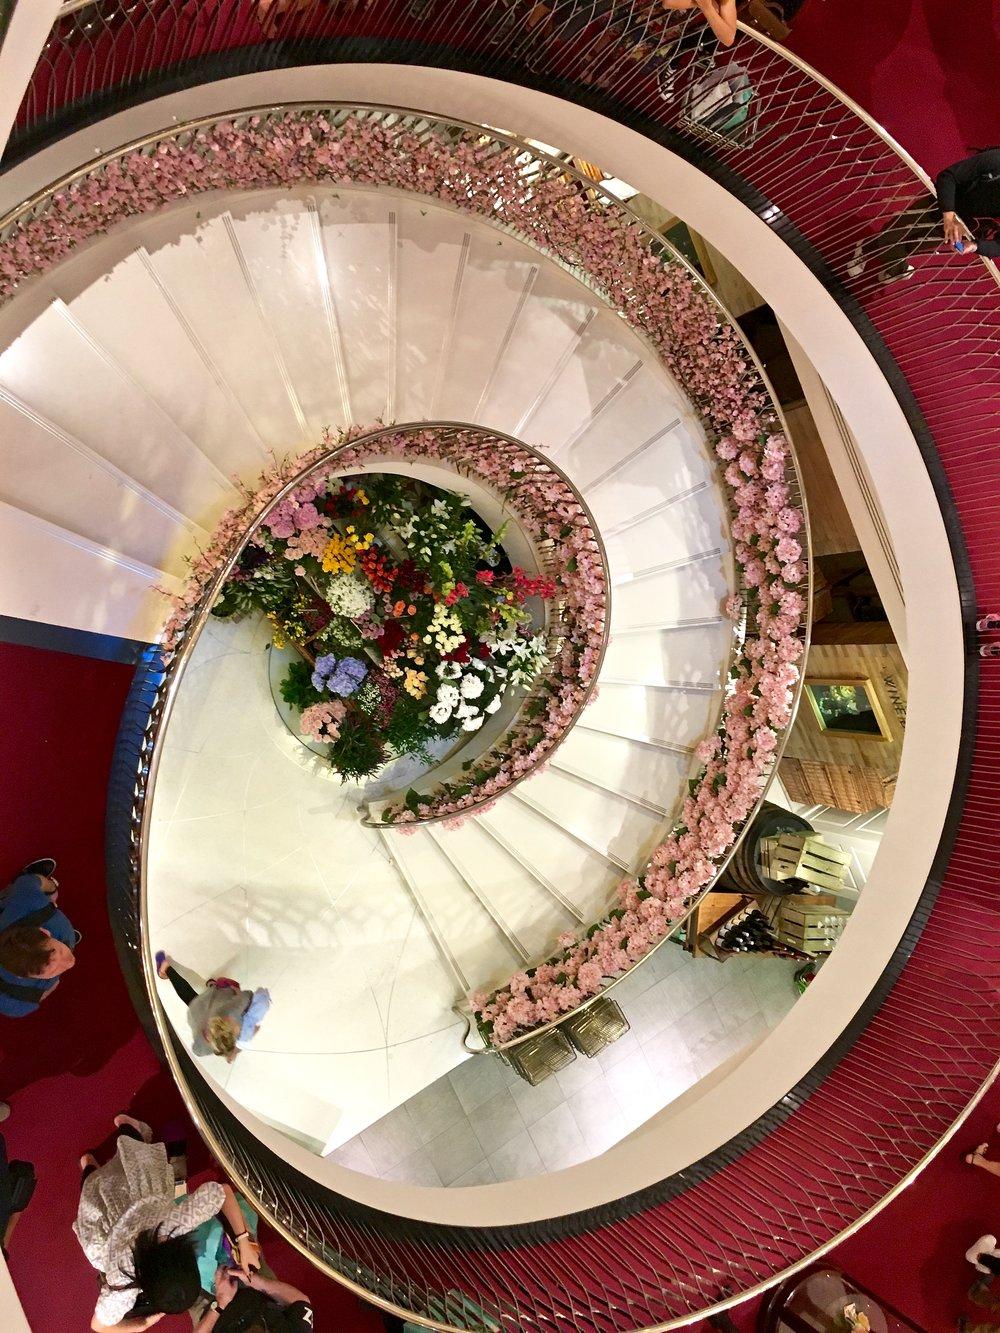 Grand hotel du palais royal paris black tomato - Img_2501 Jpg